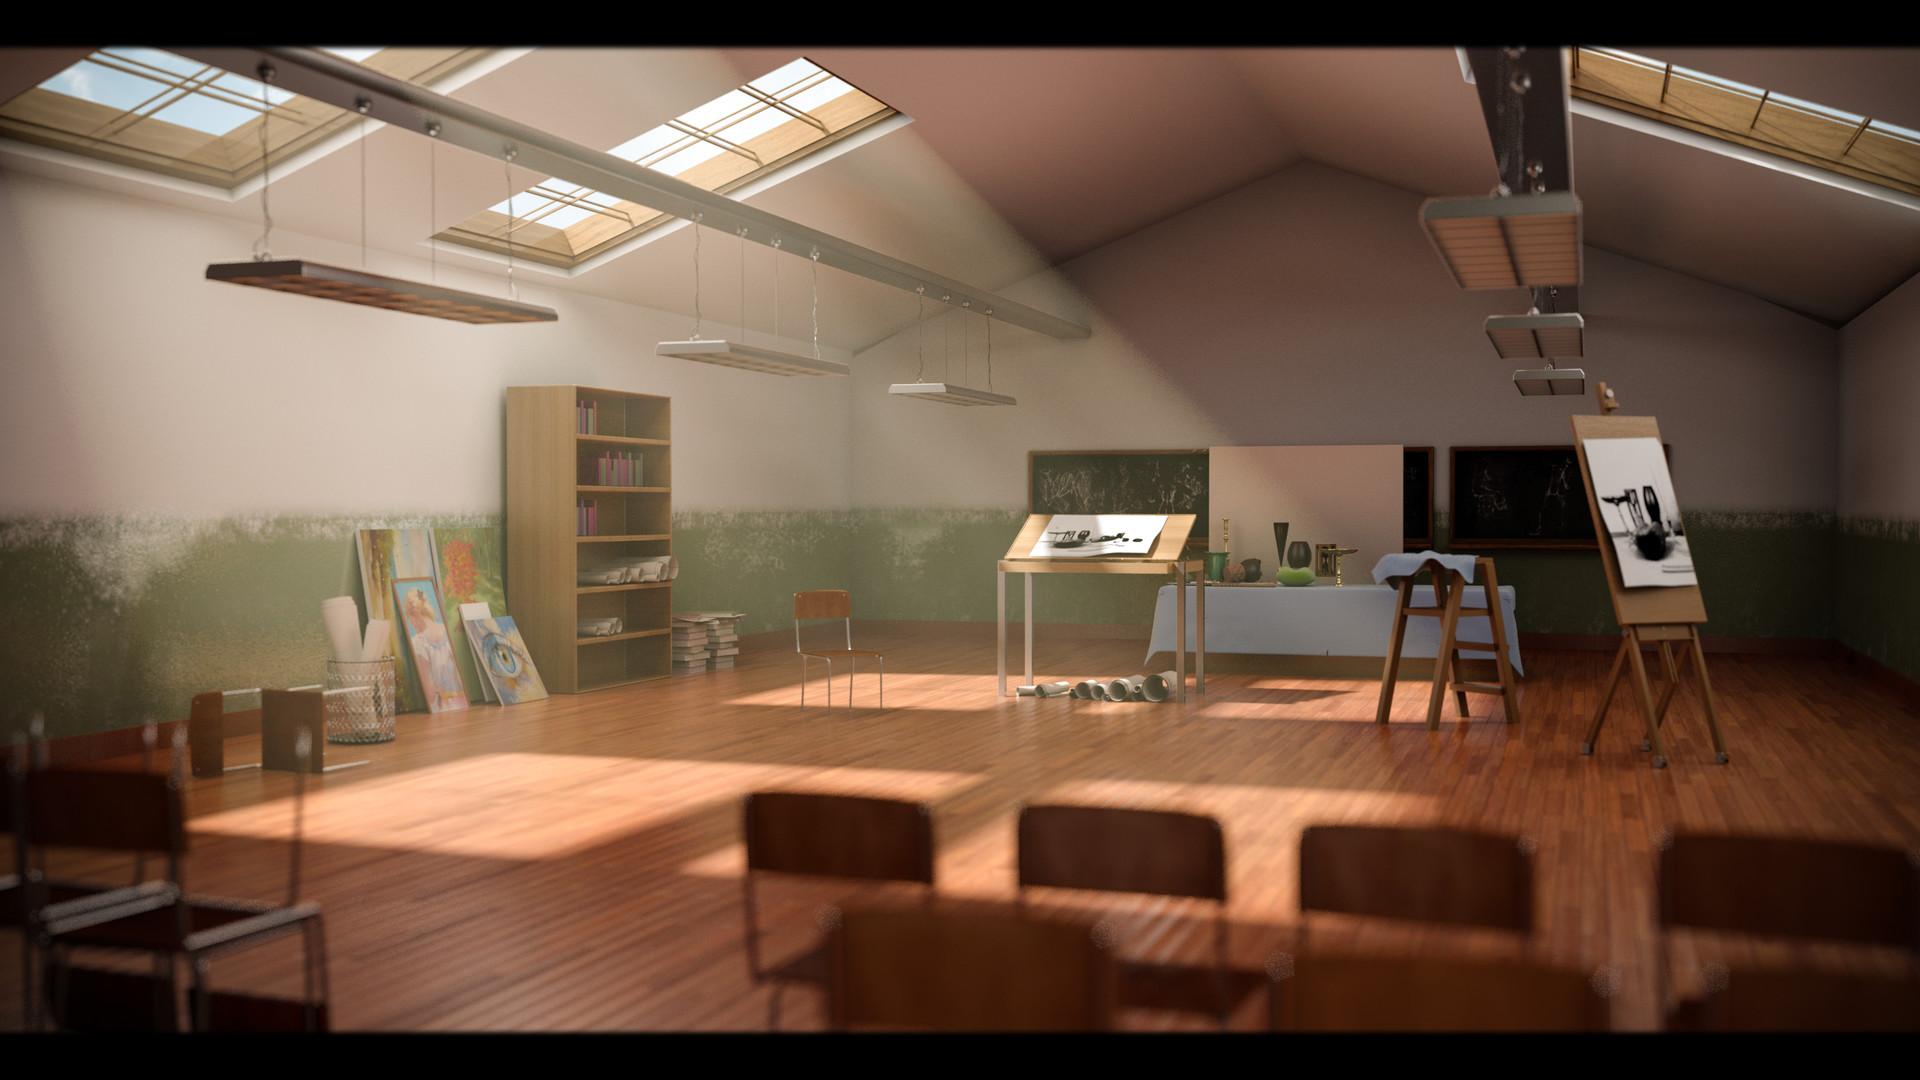 Parabhdeep singh art room v008